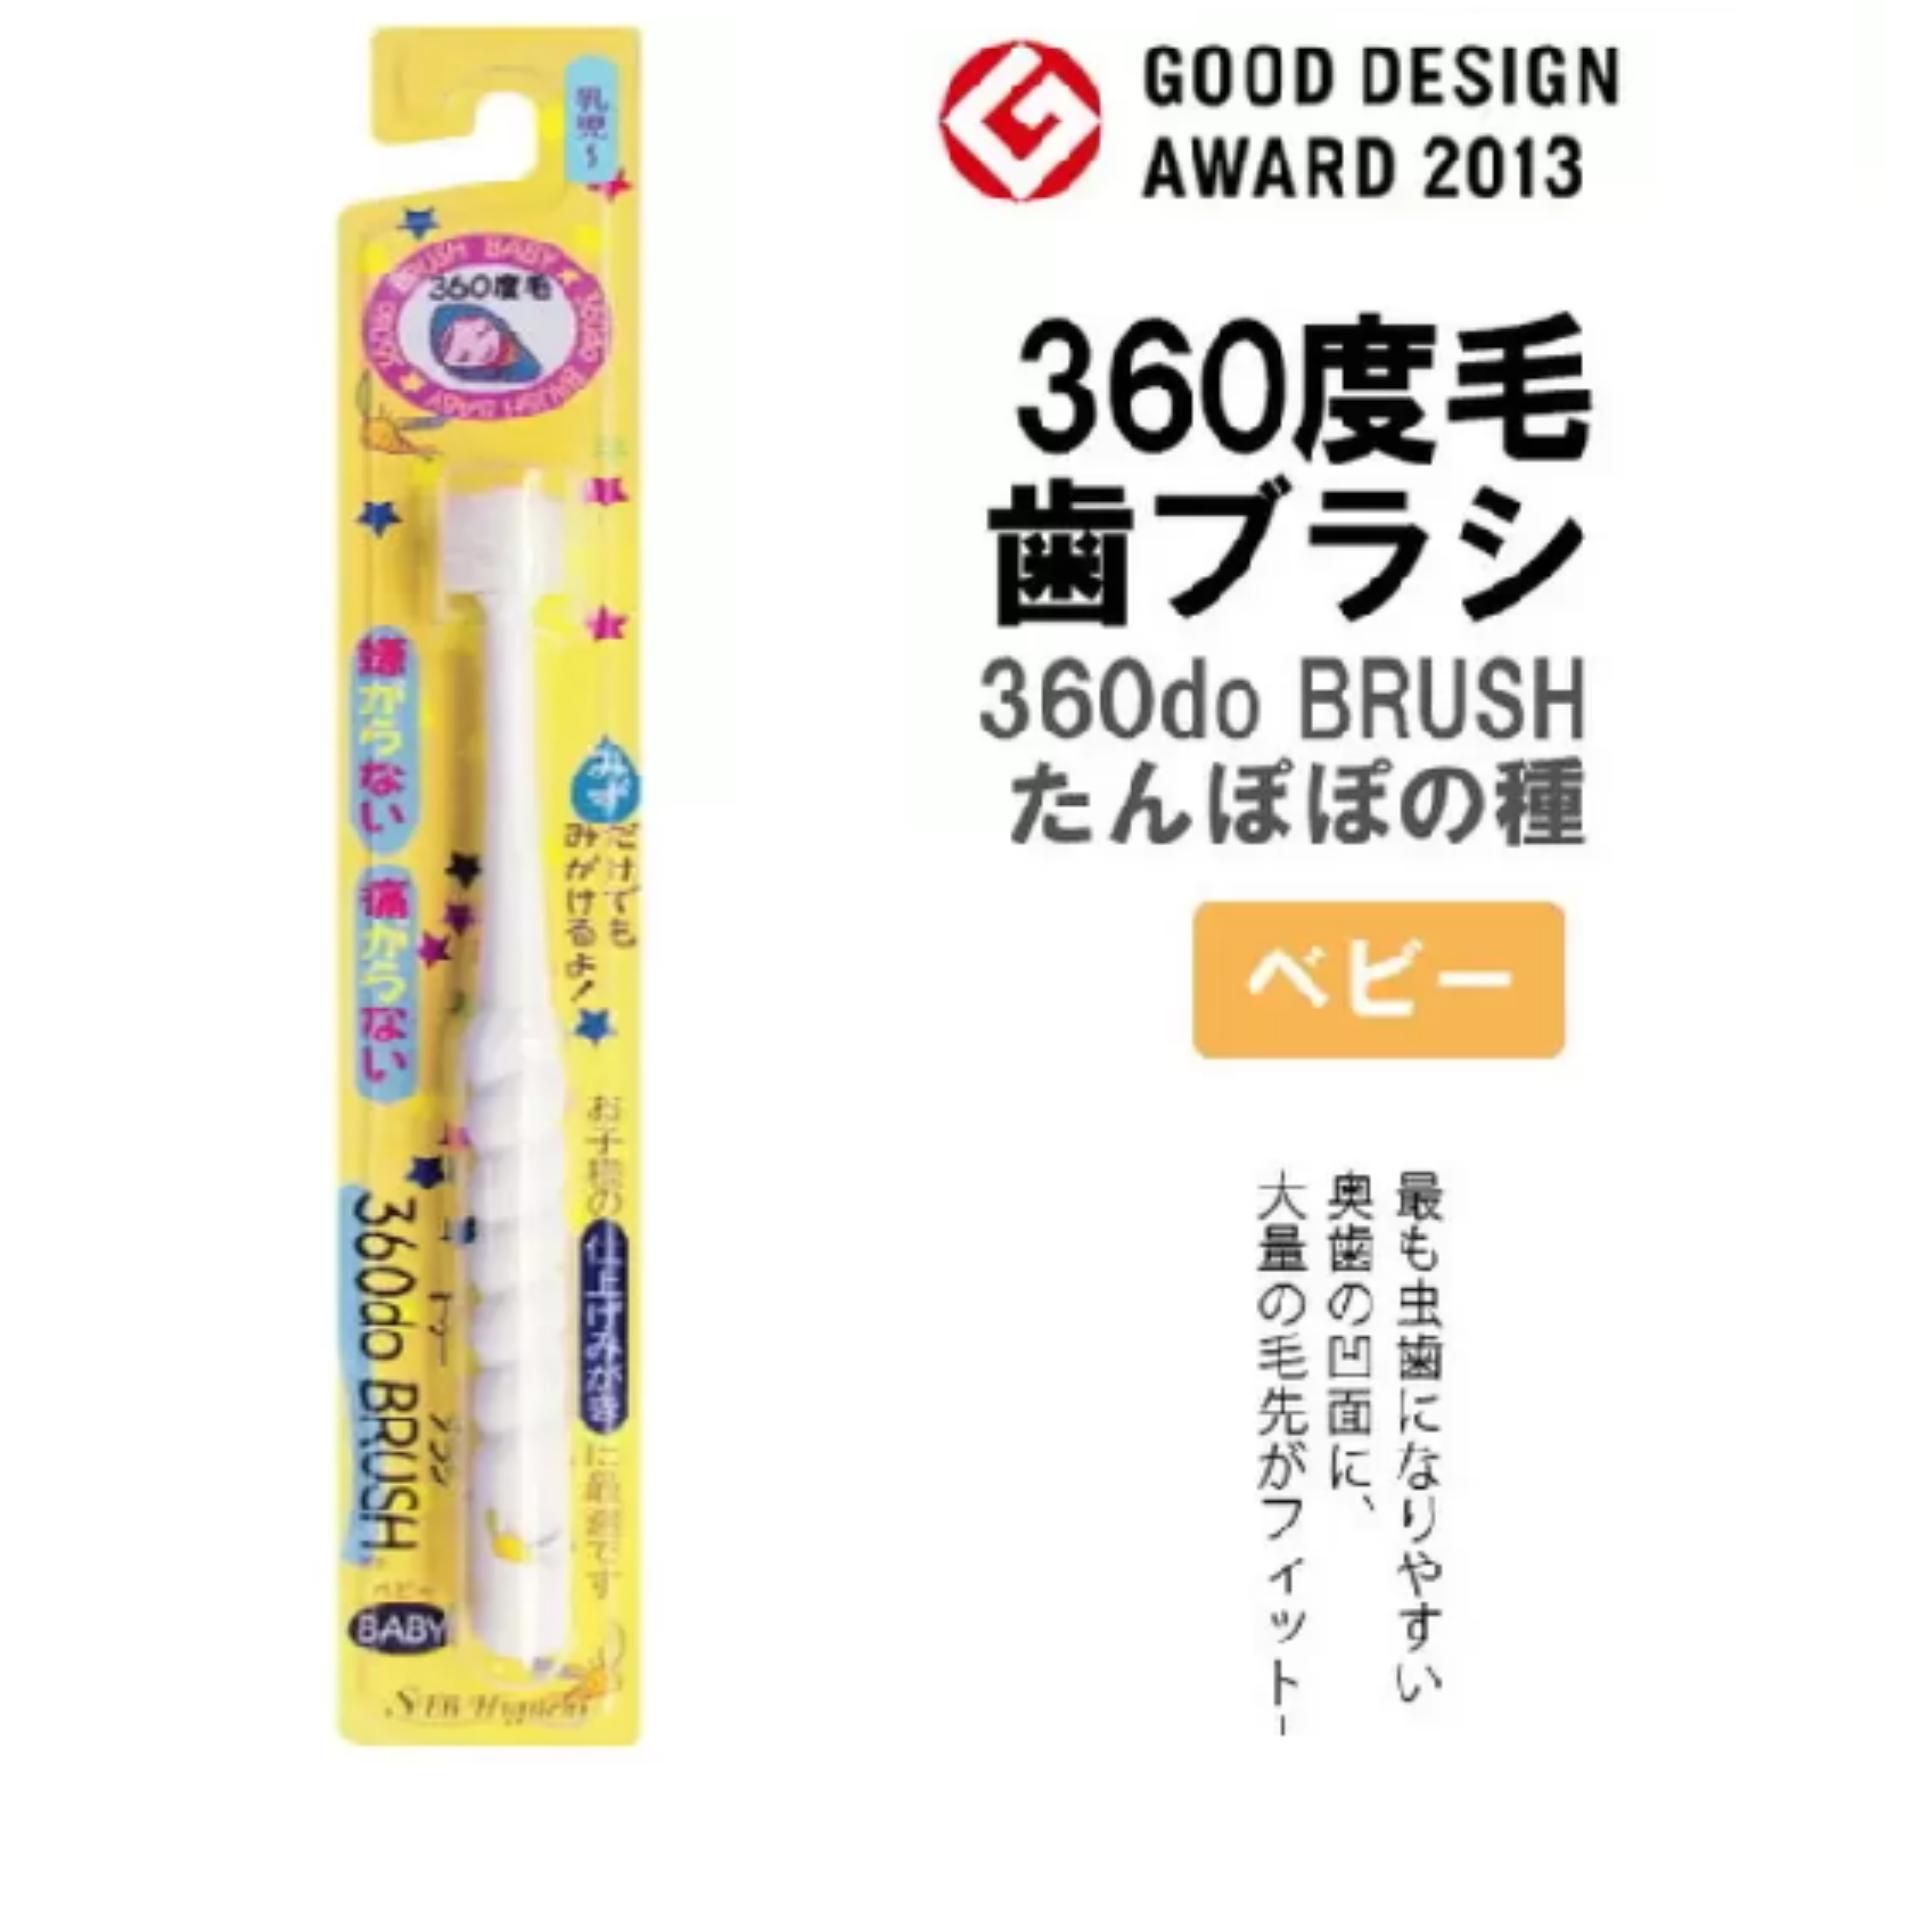 Bàn chải đánh răng 360 độ Higuchi cho trẻ từ 3 tuổi (Nhật Bản)